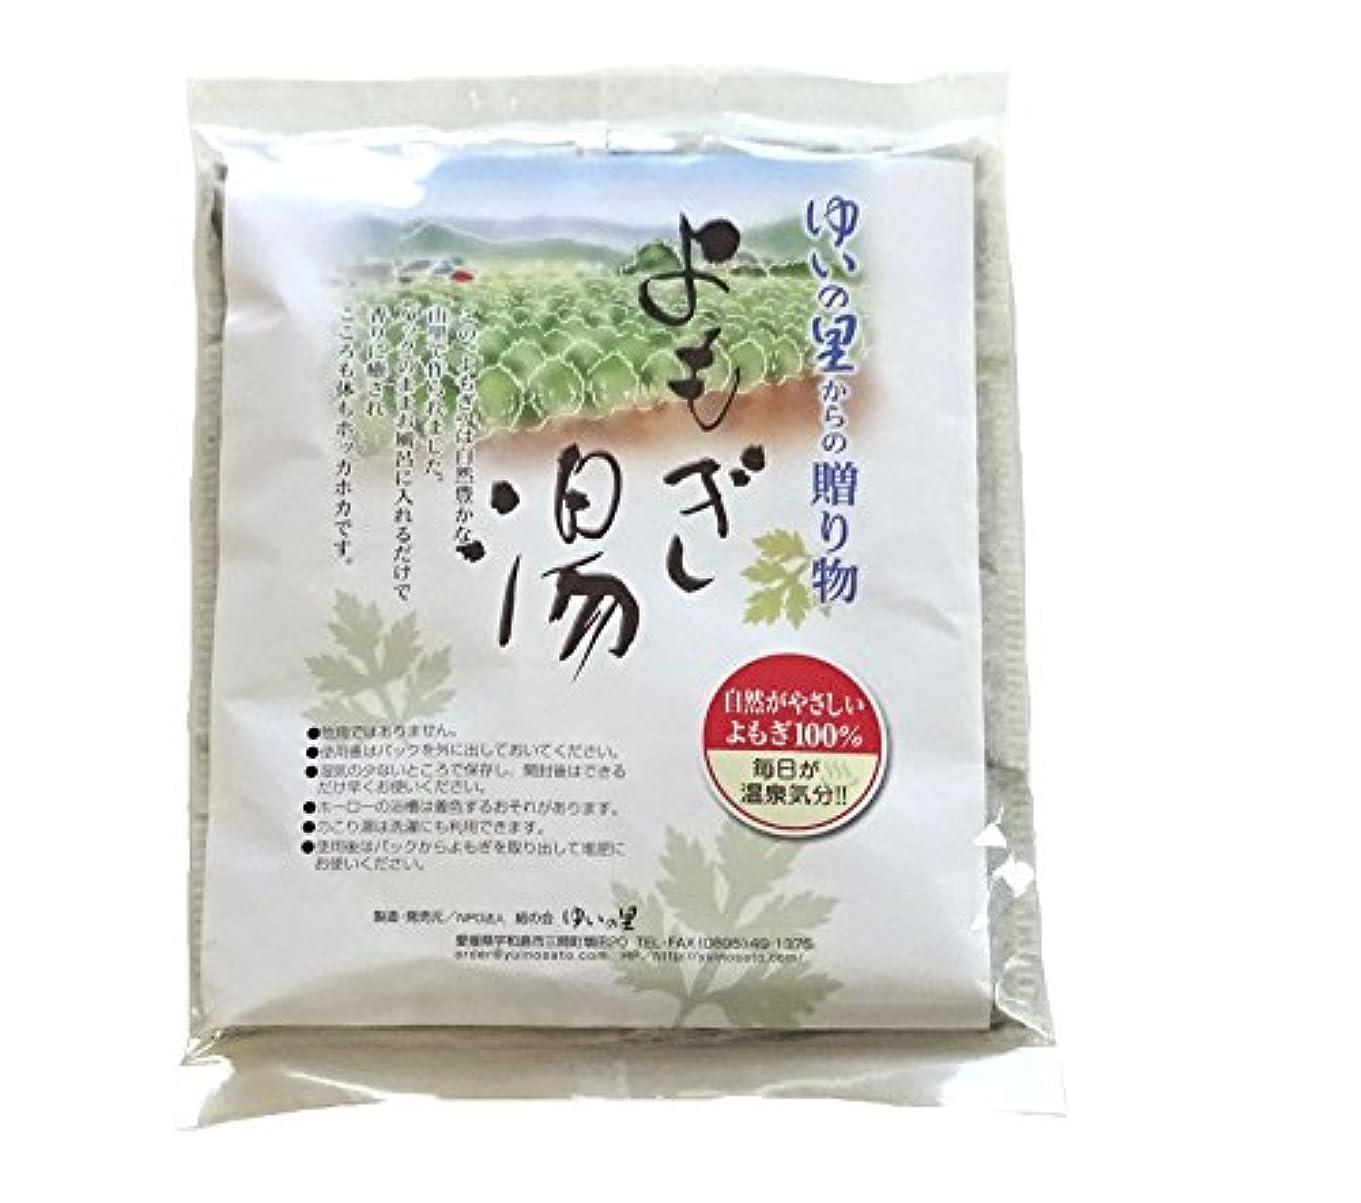 乳剤つかの間きゅうりよもぎ湯入浴パック (10パック入) 愛媛県産 自家栽培よもぎ100%使用